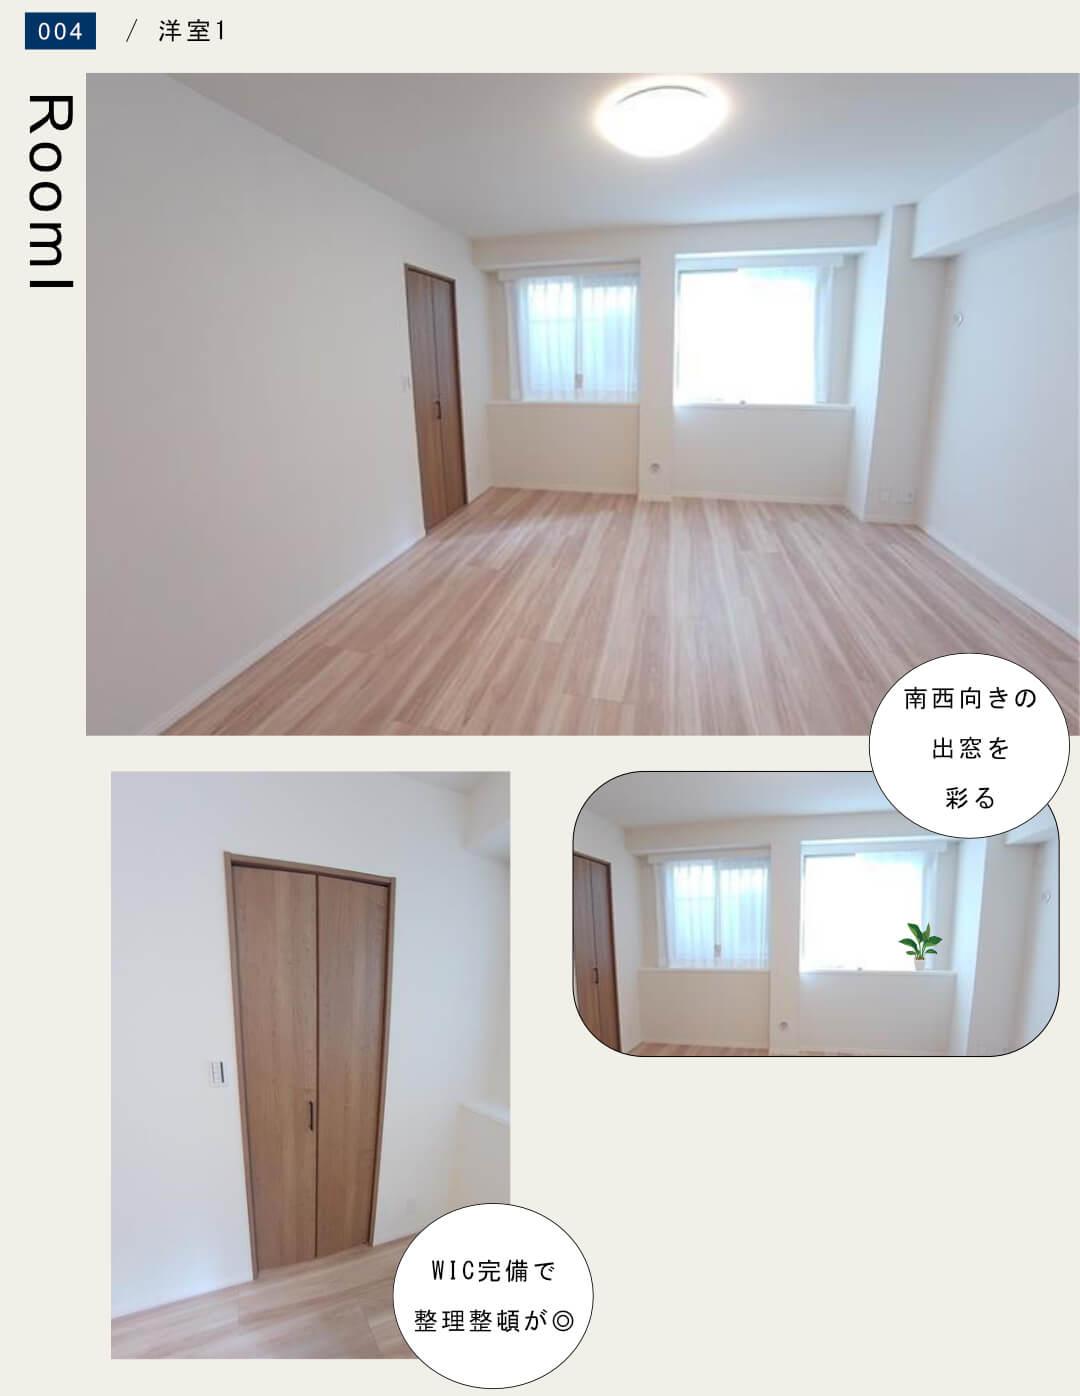 マイファリエ長崎101の洋室1